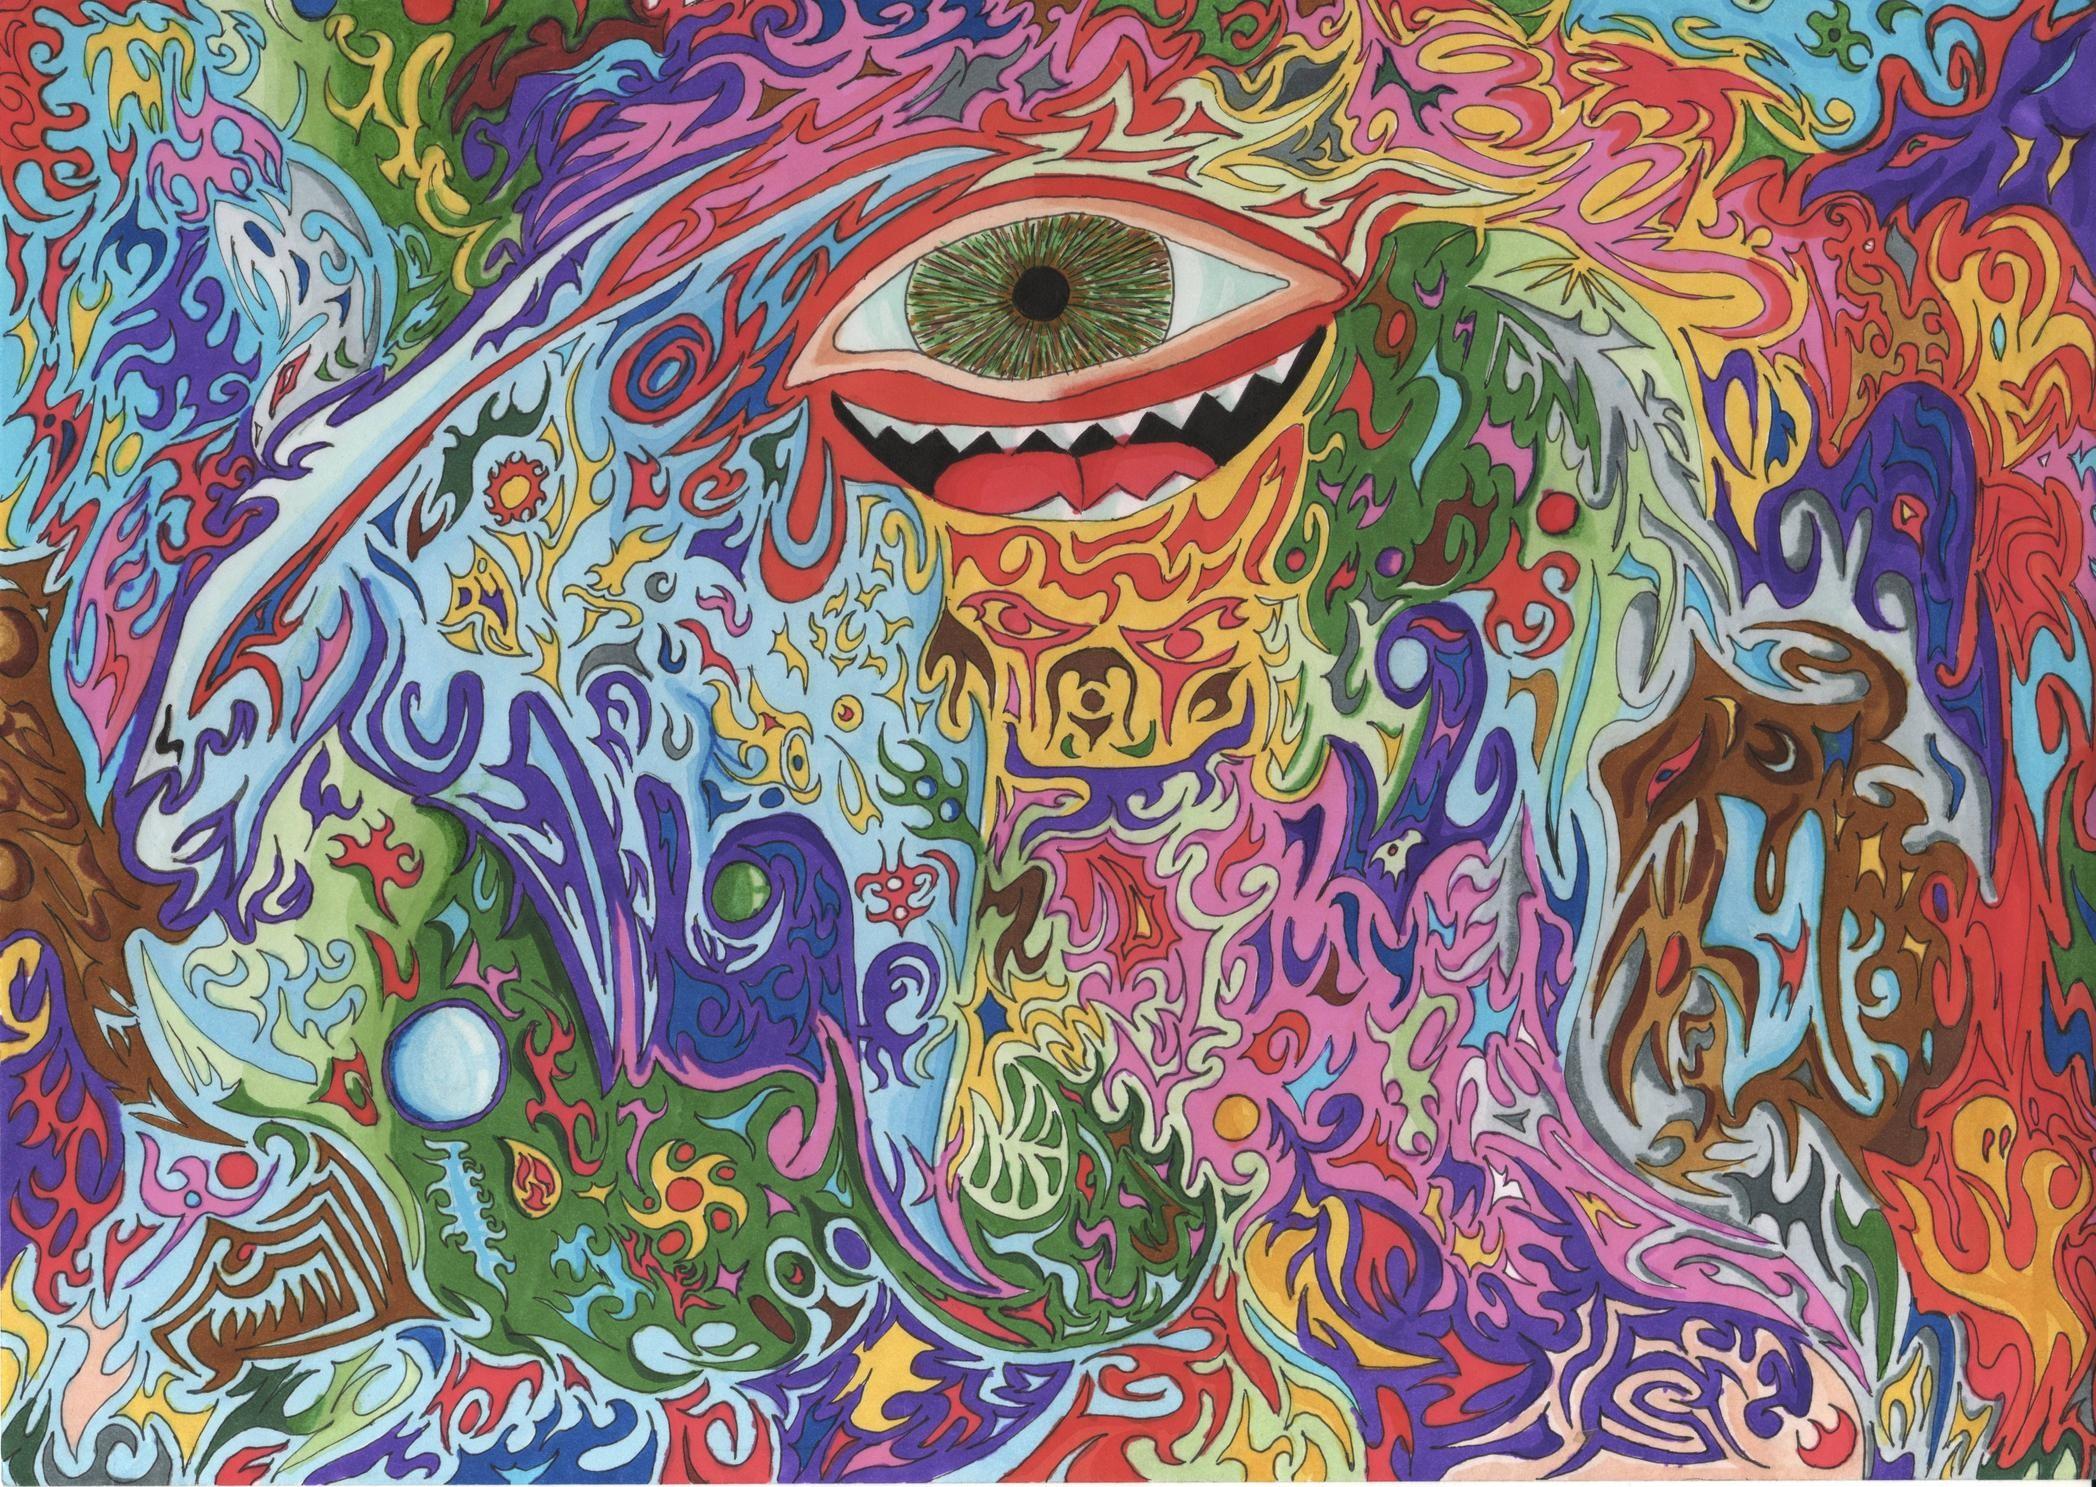 психоделические картинки что это любовь, надежда рядом